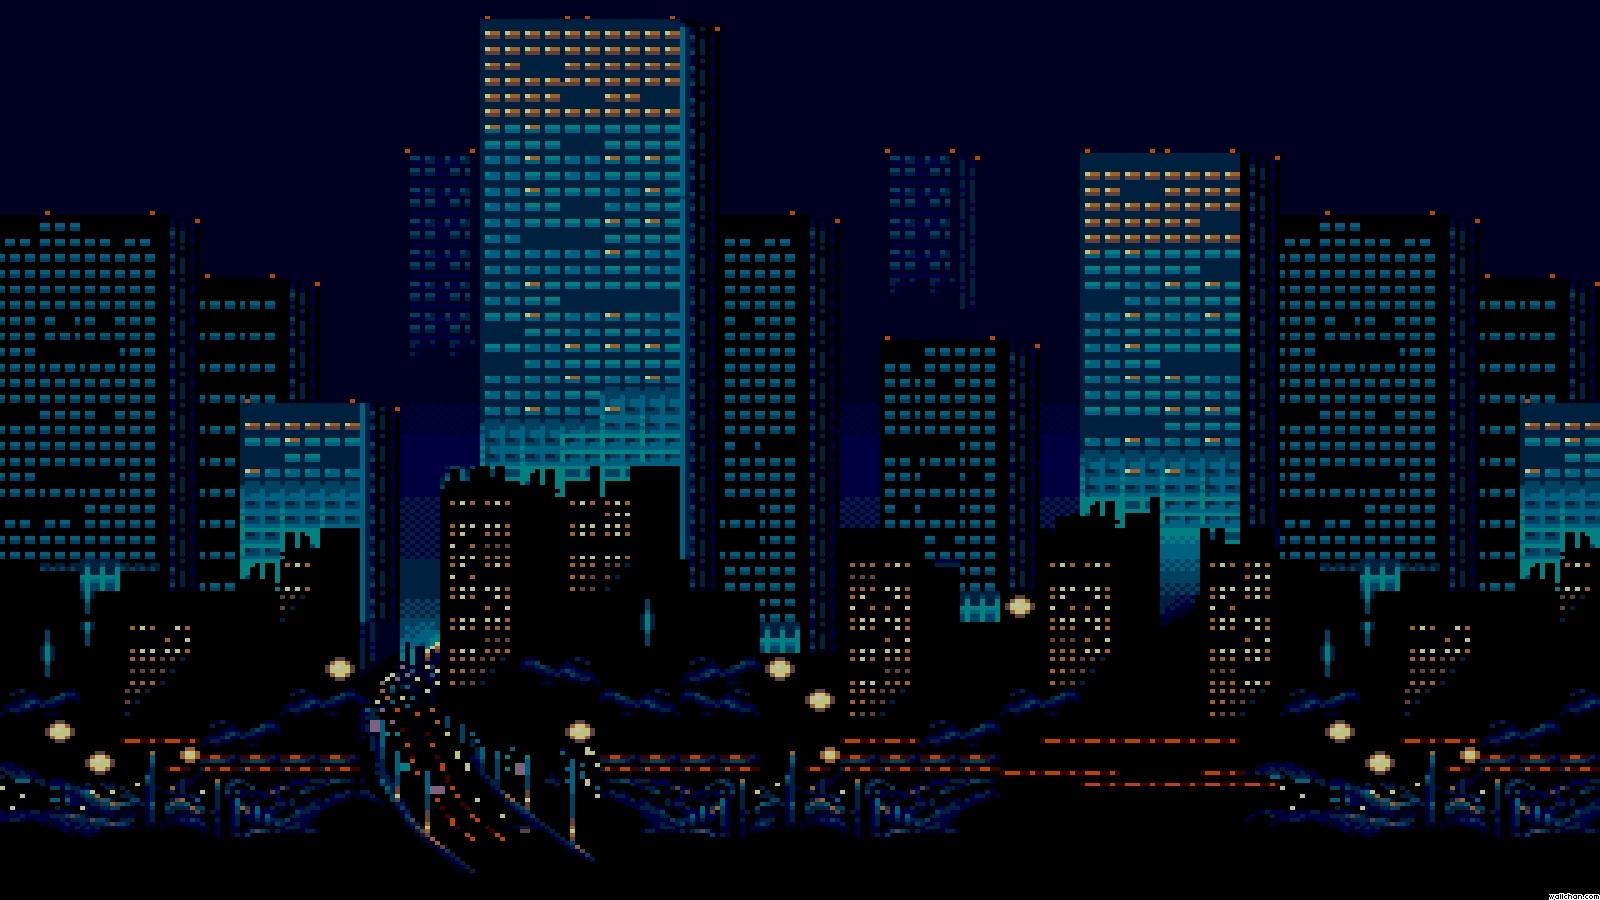 Free Download Pixel Art Cityjpg 1600x900 For Your Desktop Mobile Tablet Explore 48 Pixel Art Wallpapers 8 Bit Wallpaper Pixel Wallpaper Animated Pixel Wallpaper